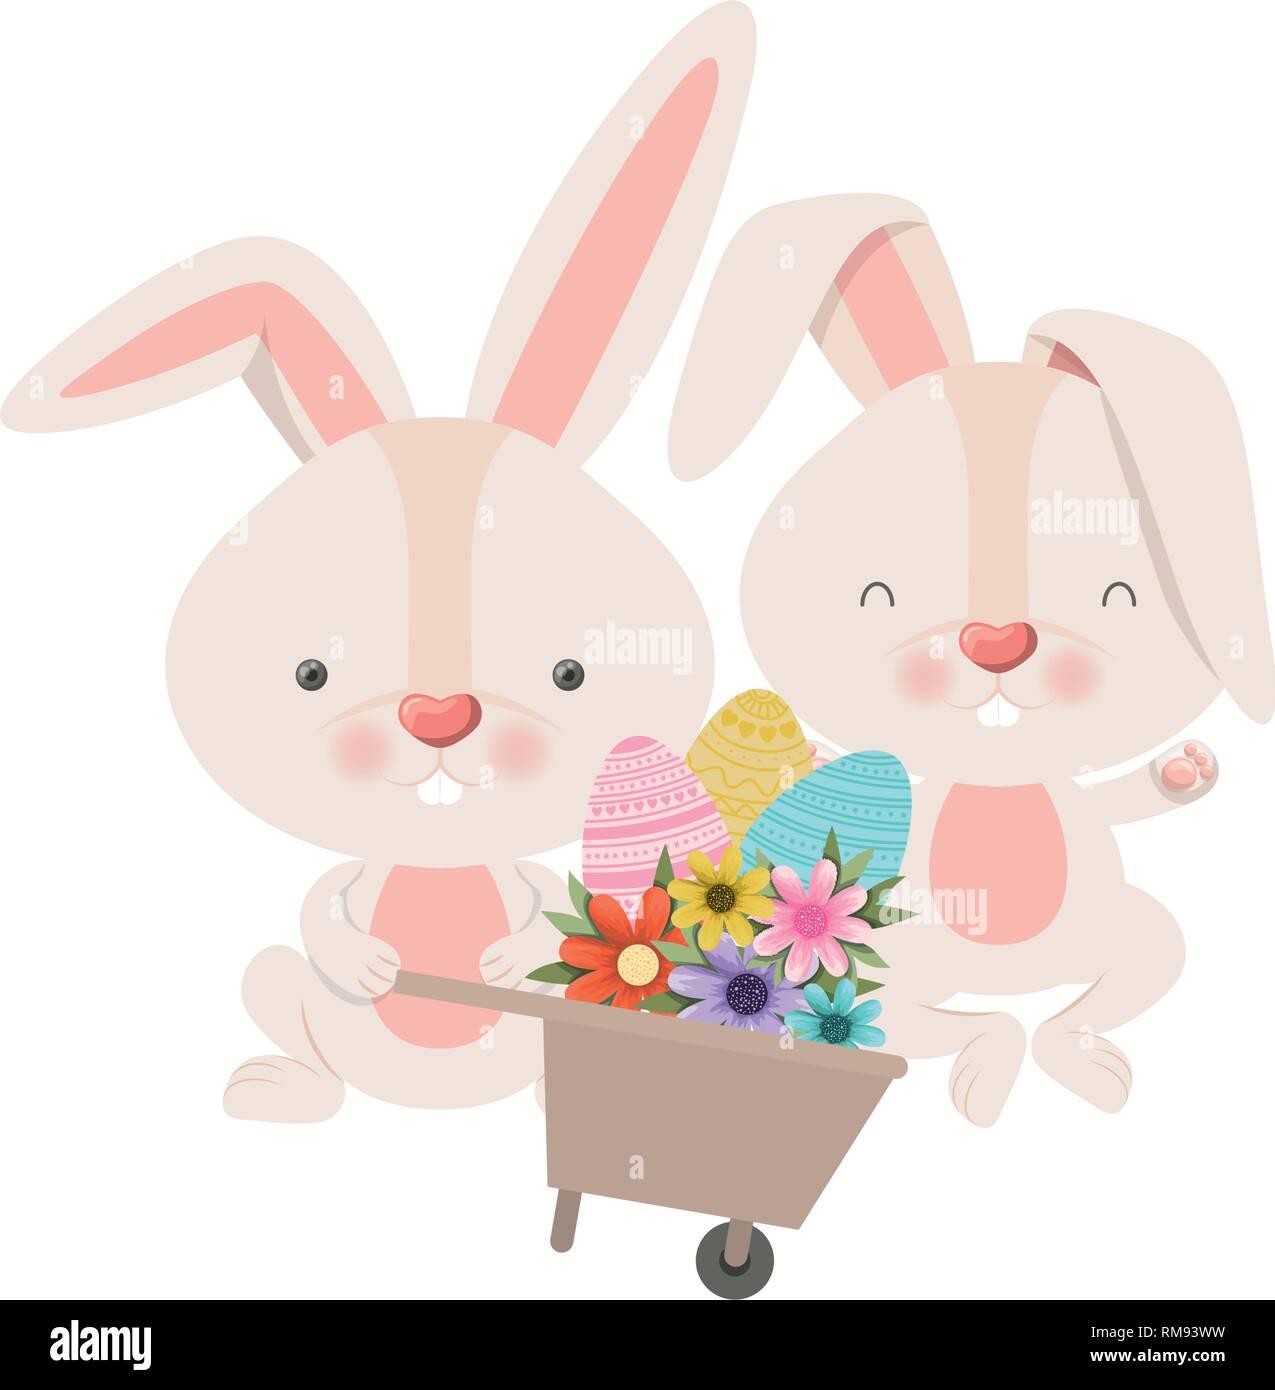 Coniglietti con carriola e uova di pasqua icona illustrazione